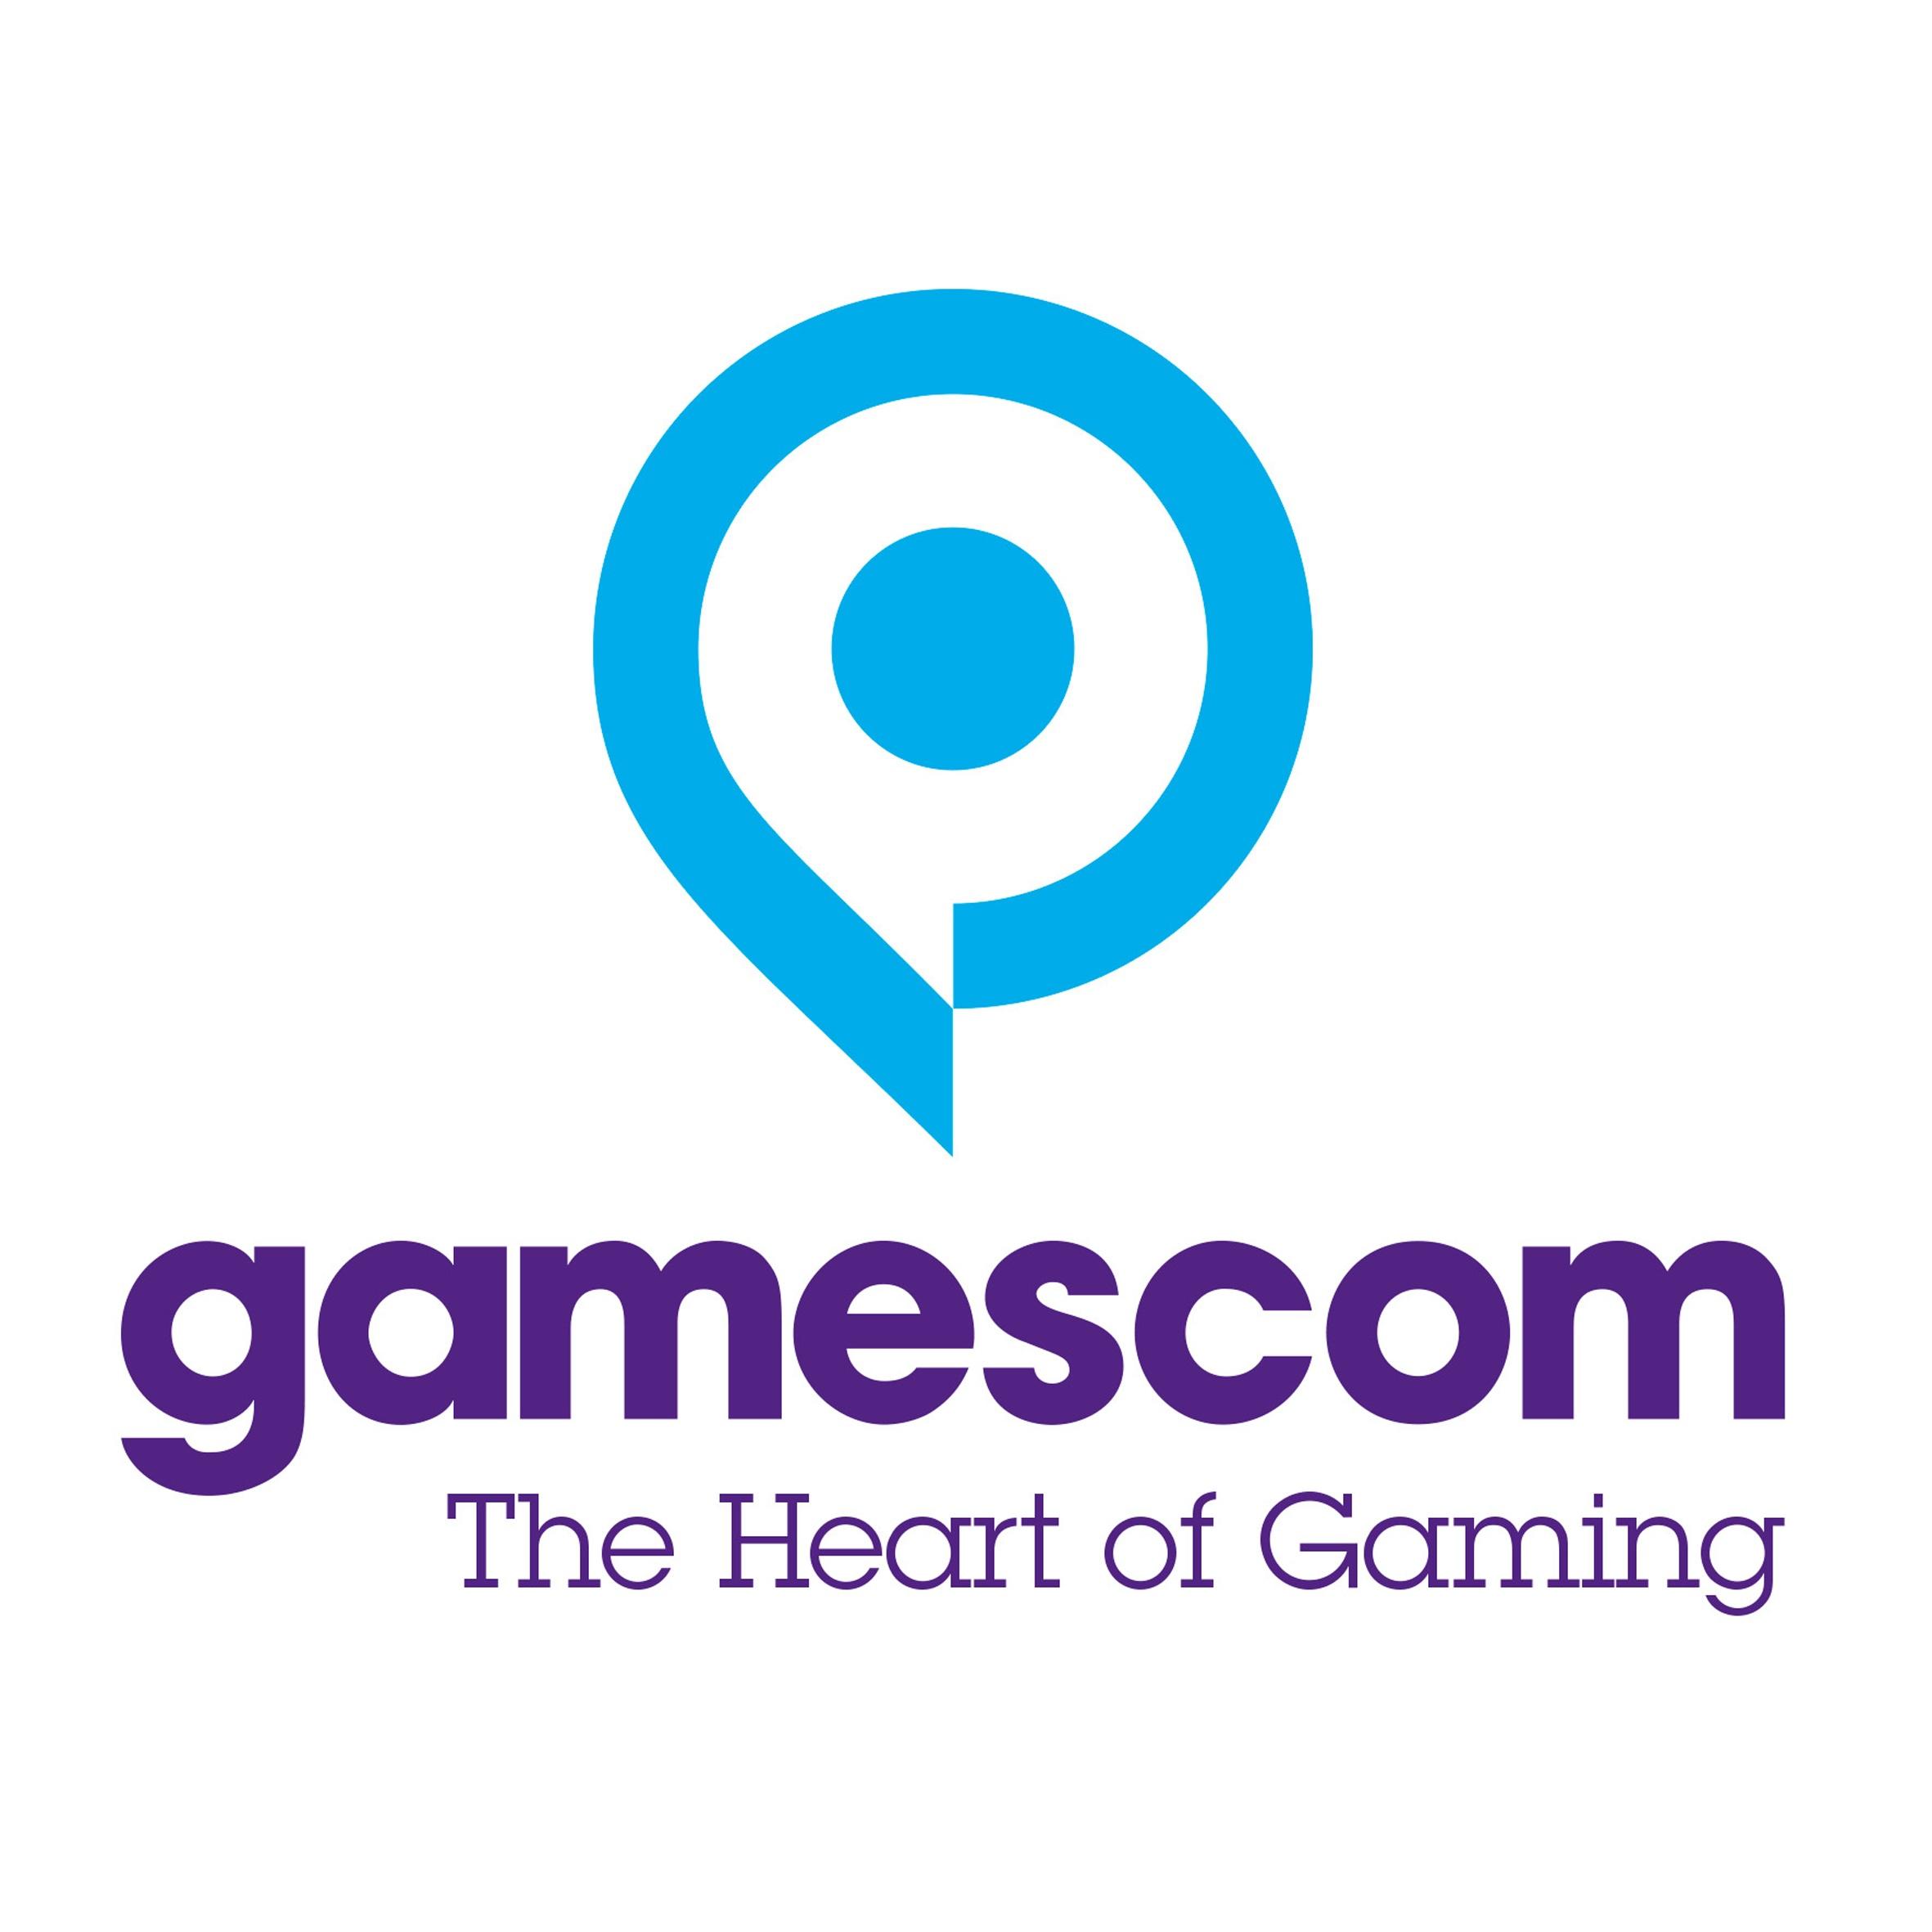 Trefft uns auf der GamesCom 2019!